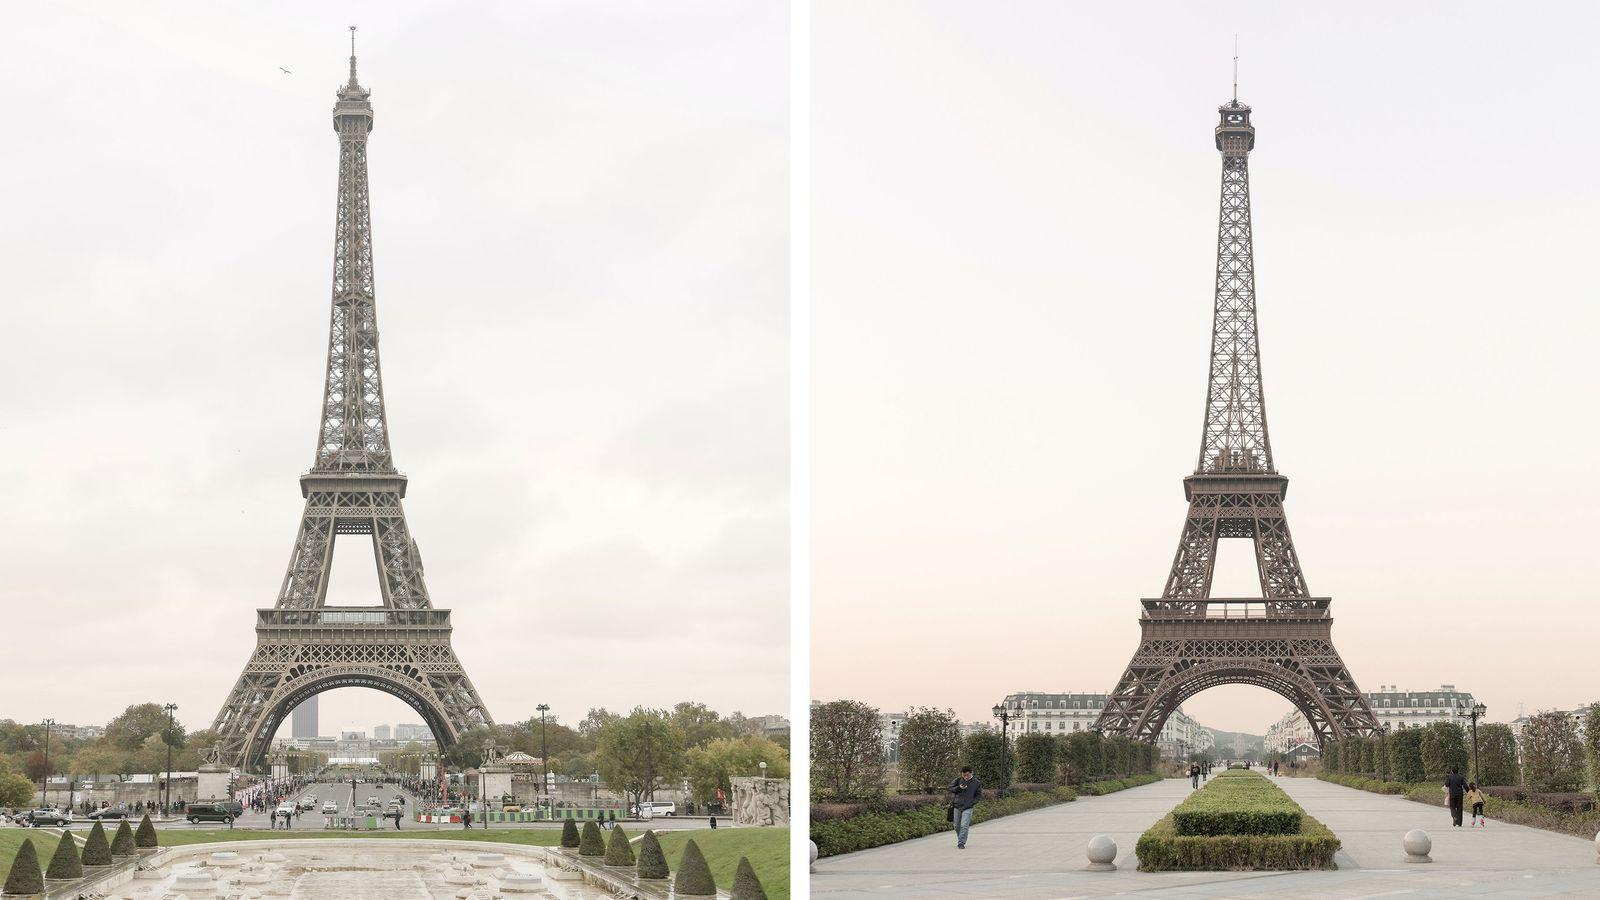 Der Eiffelturm (links) zählt zu den berühmtesten Wahrzeichen von Paris. Die zweitgrößte Nachbildung des Bauwerks befindet ...